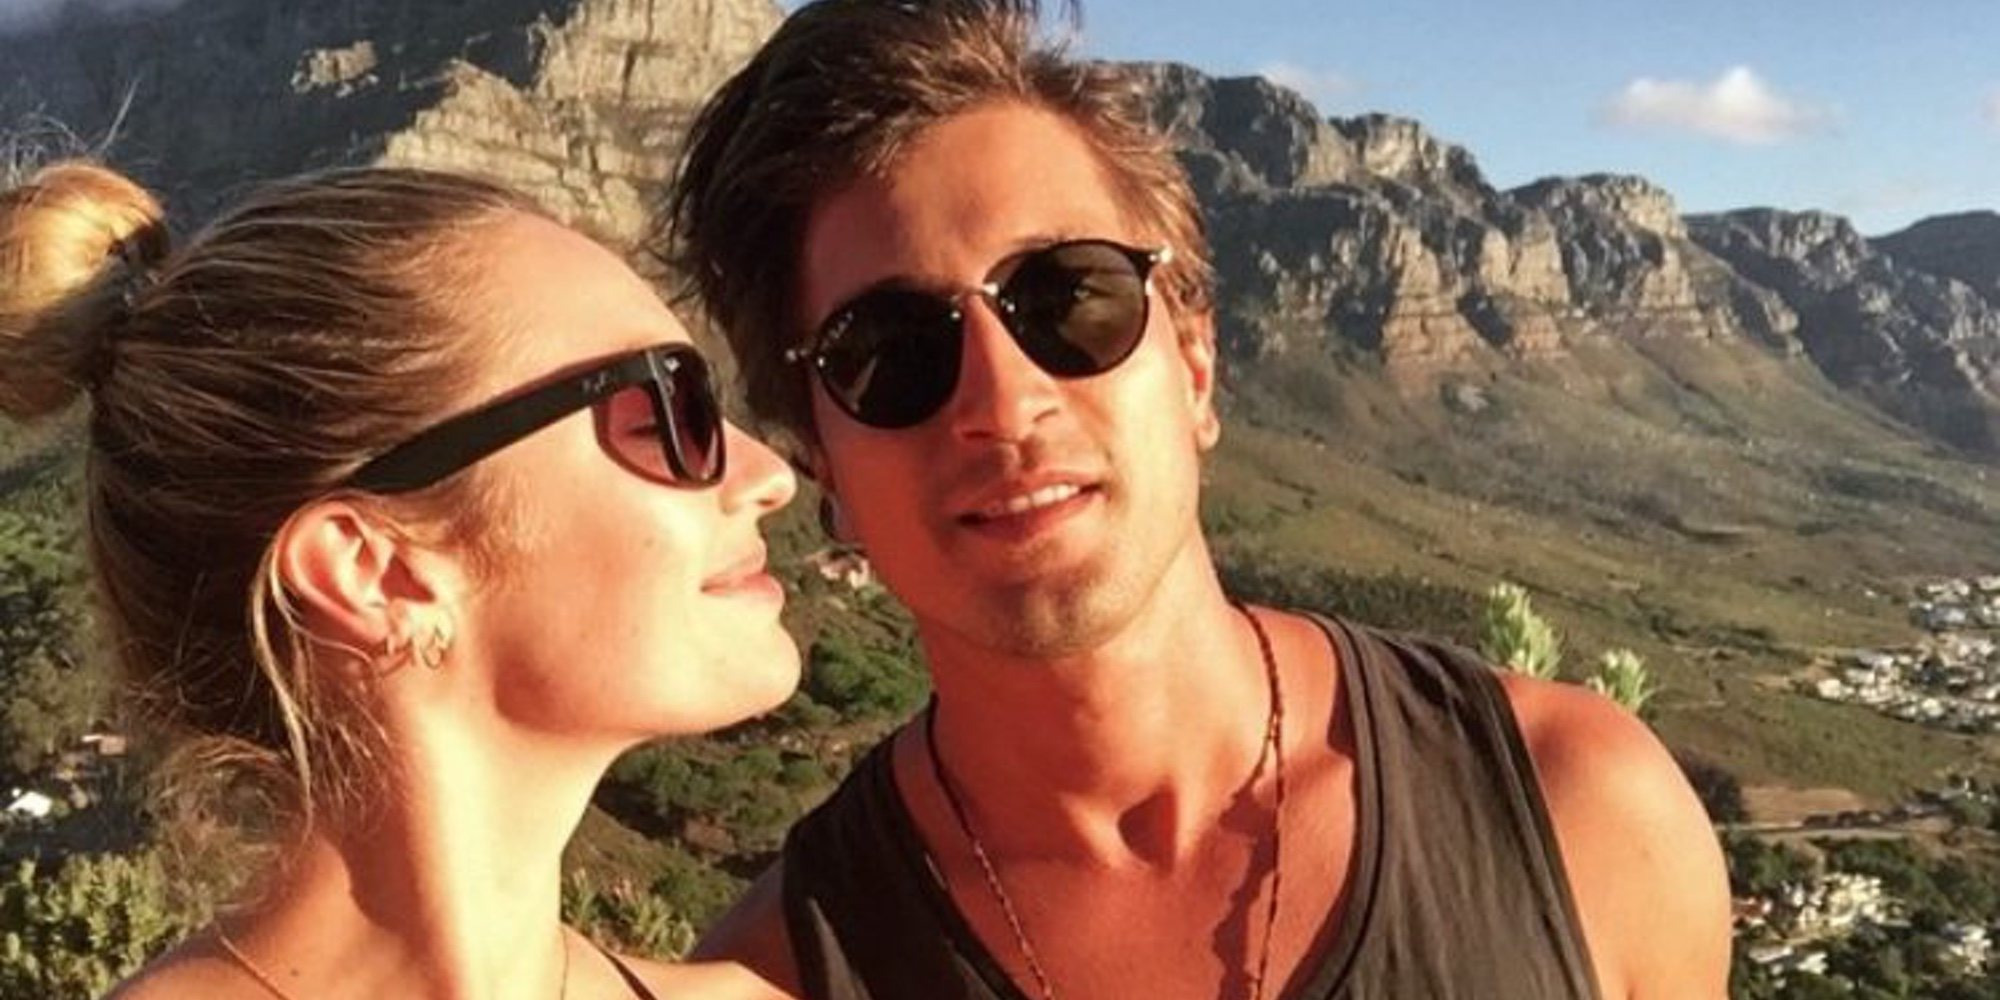 Hermann Nicoli, novio de Candice Swanepoel, revela el nombre de su segundo hijo